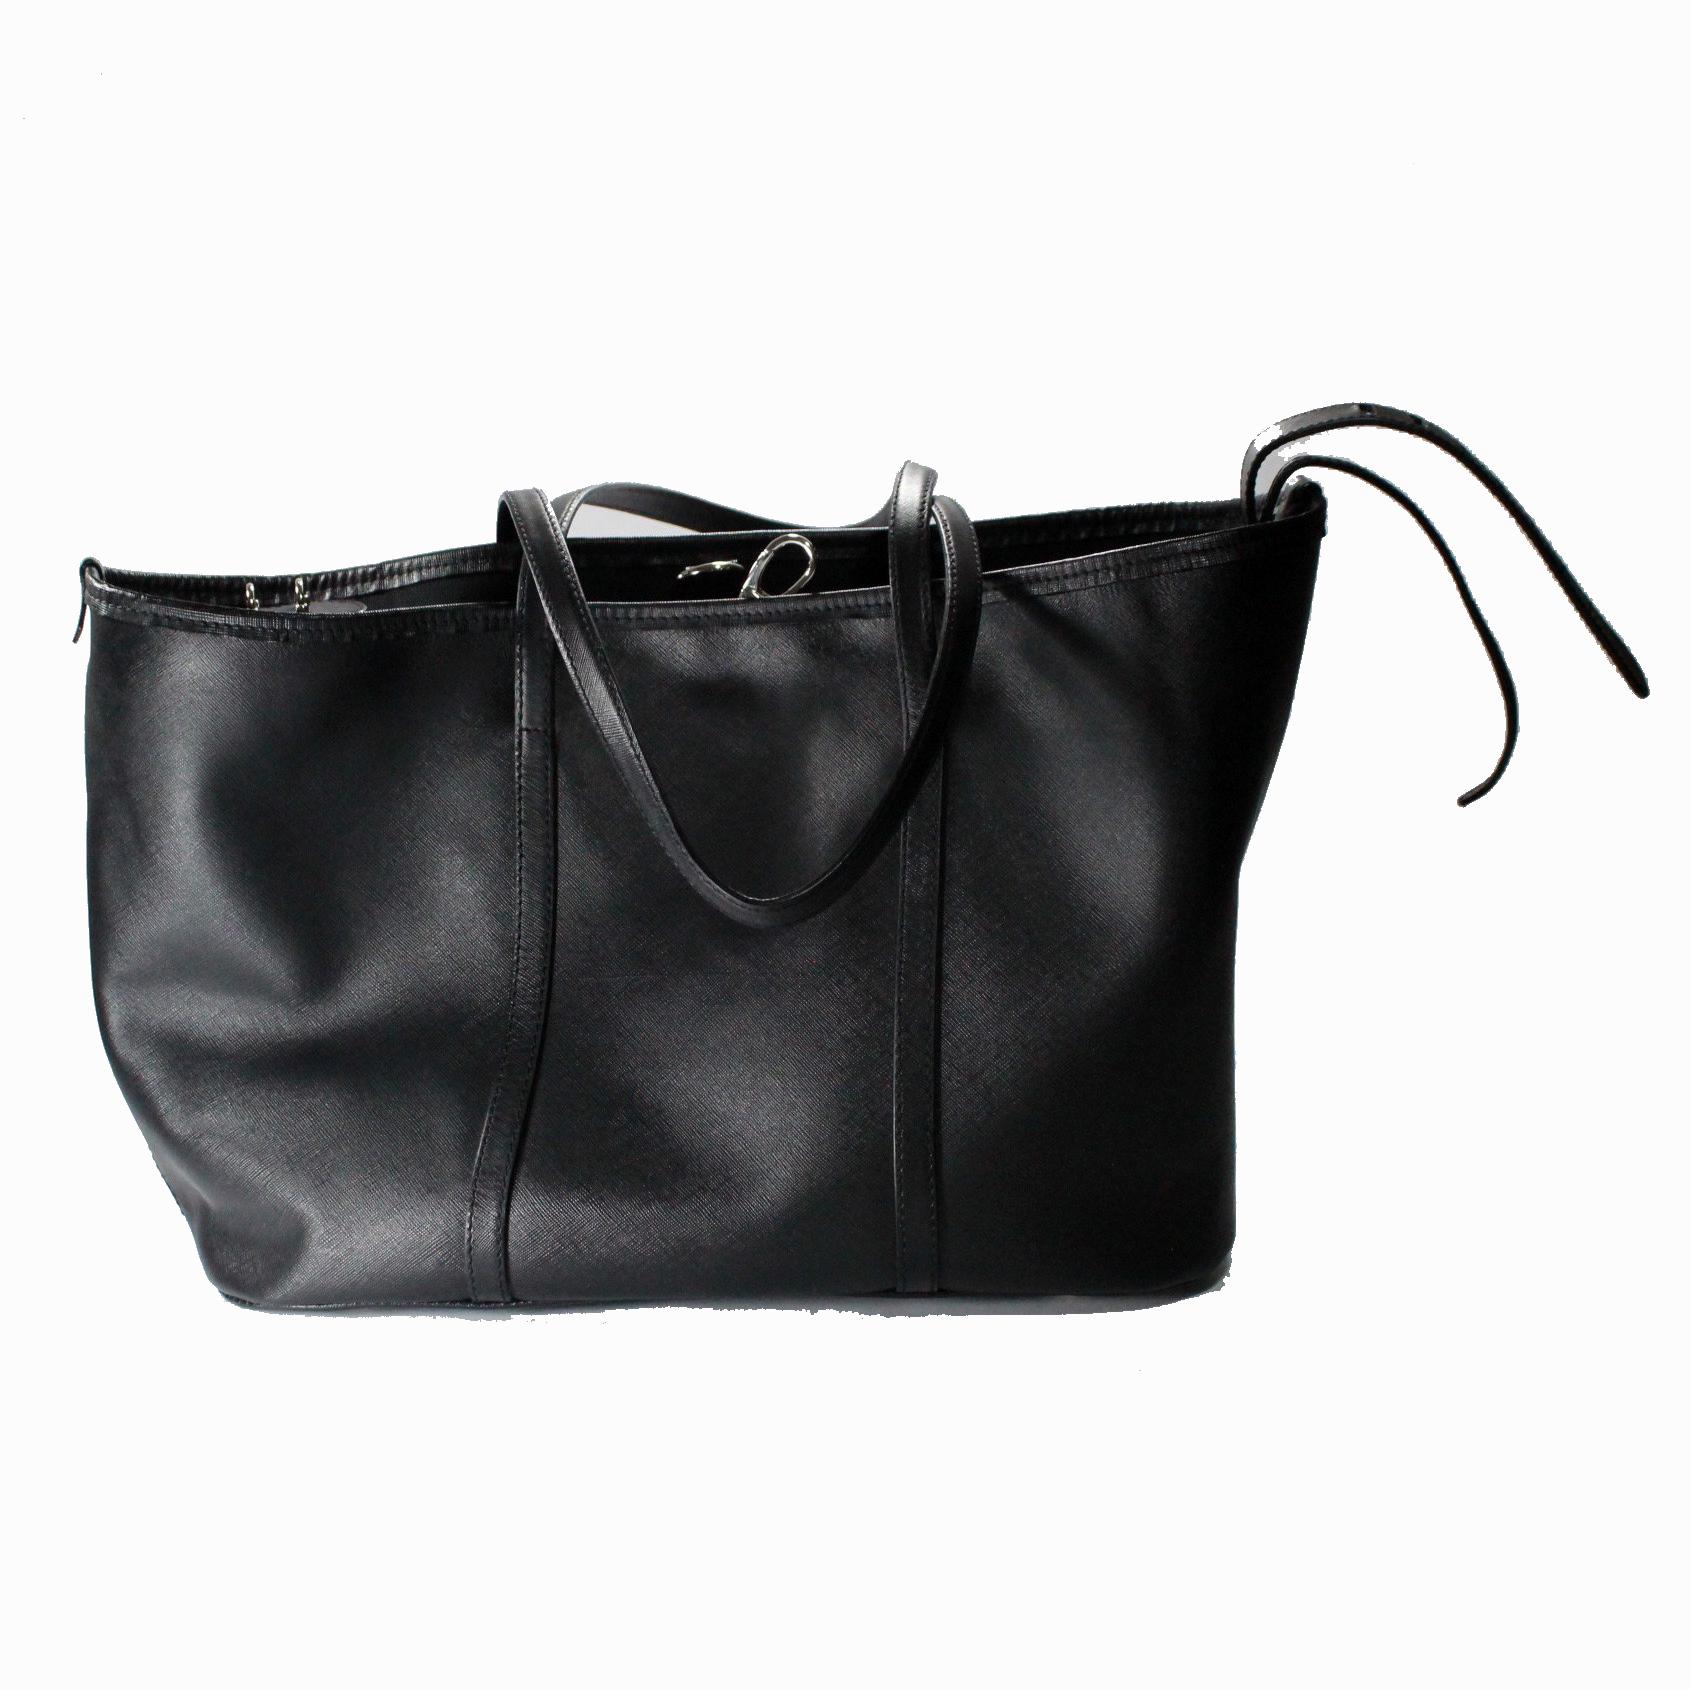 final hand bag10.jpg